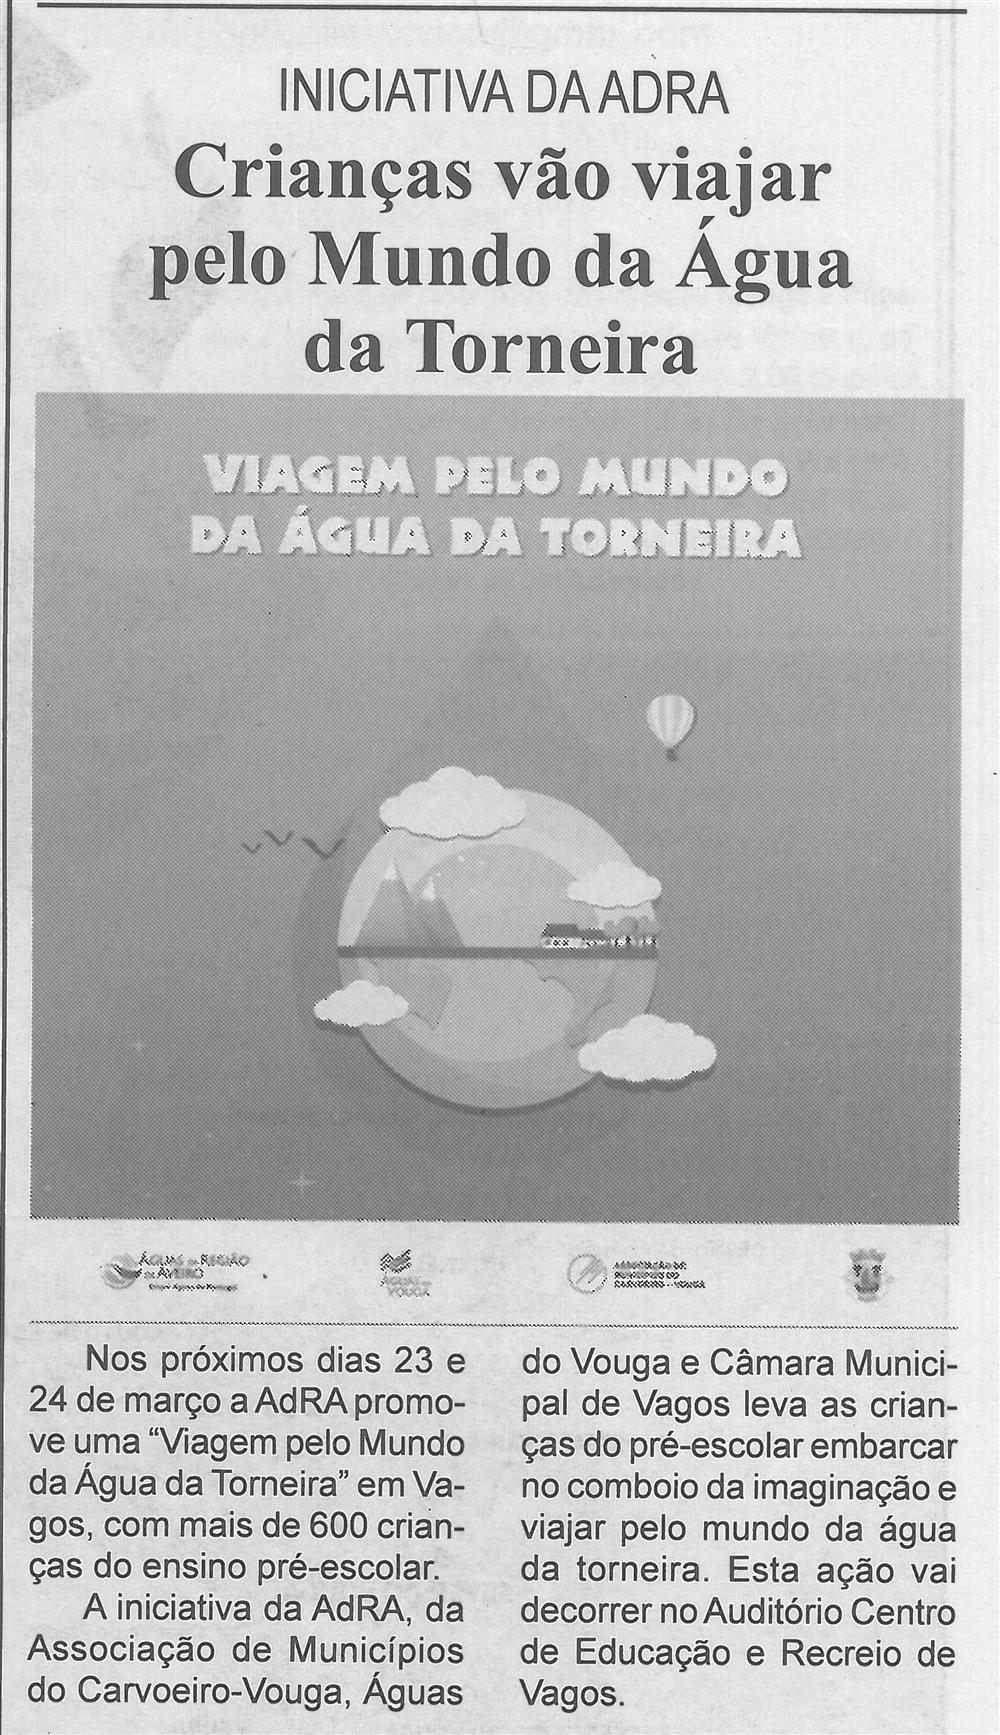 BV-1.ªmar.'20-p.7-Crianças vão viajar pelo Mundo da Água da Torneira.jpg